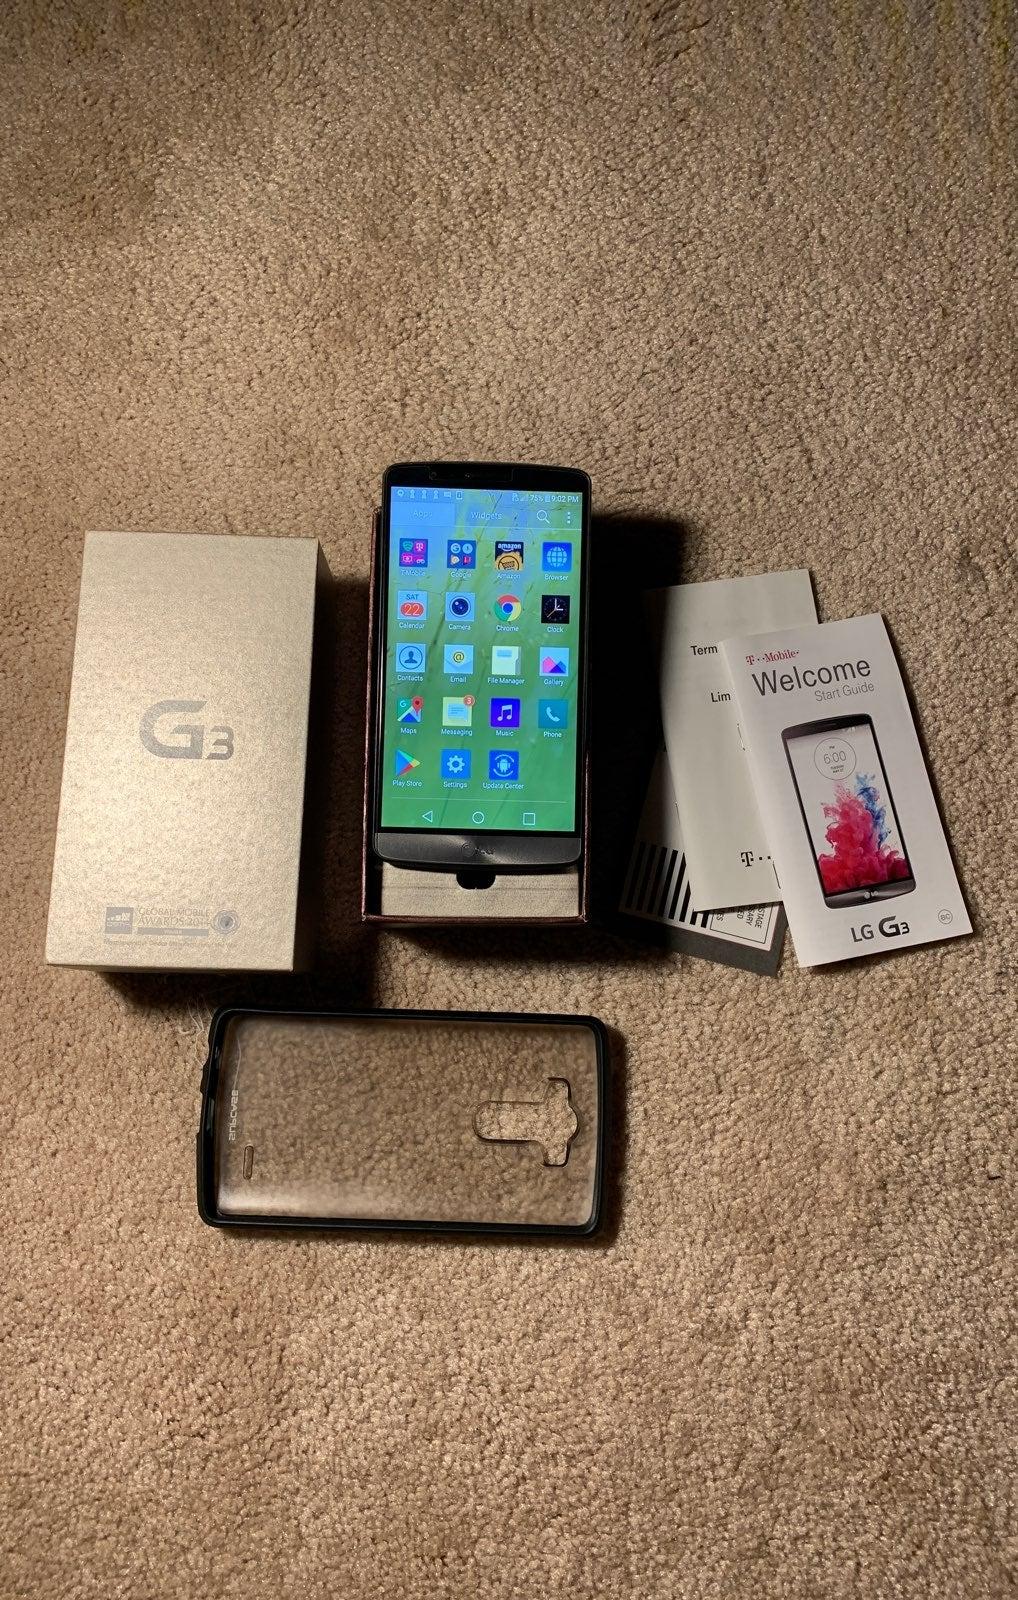 LG G3 LG-D851 32GB 4GLTE